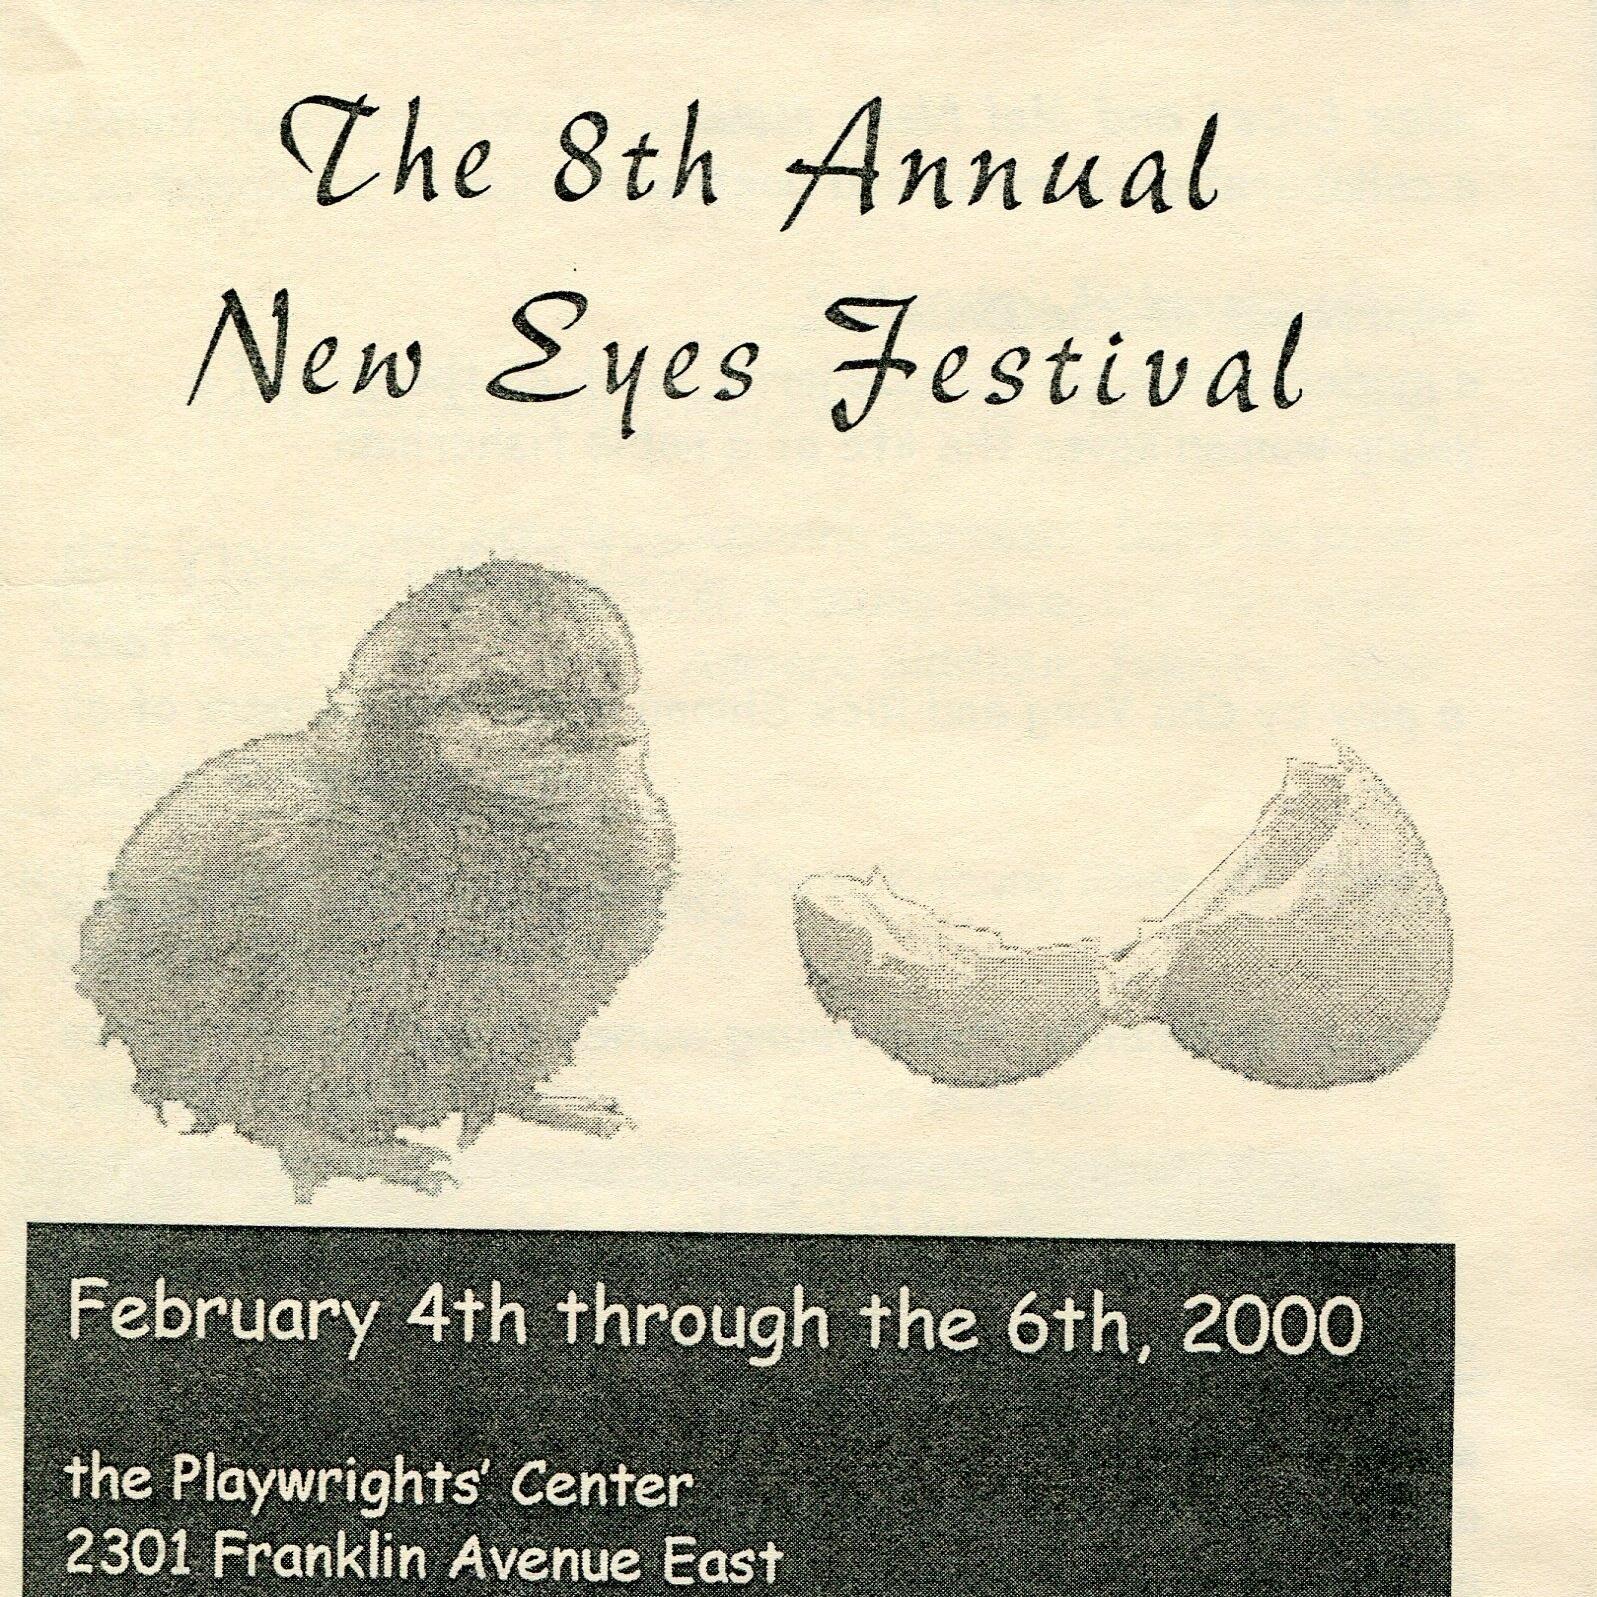 NEW EYES FESTIVAL 2000 - February 4 - 6, 2000